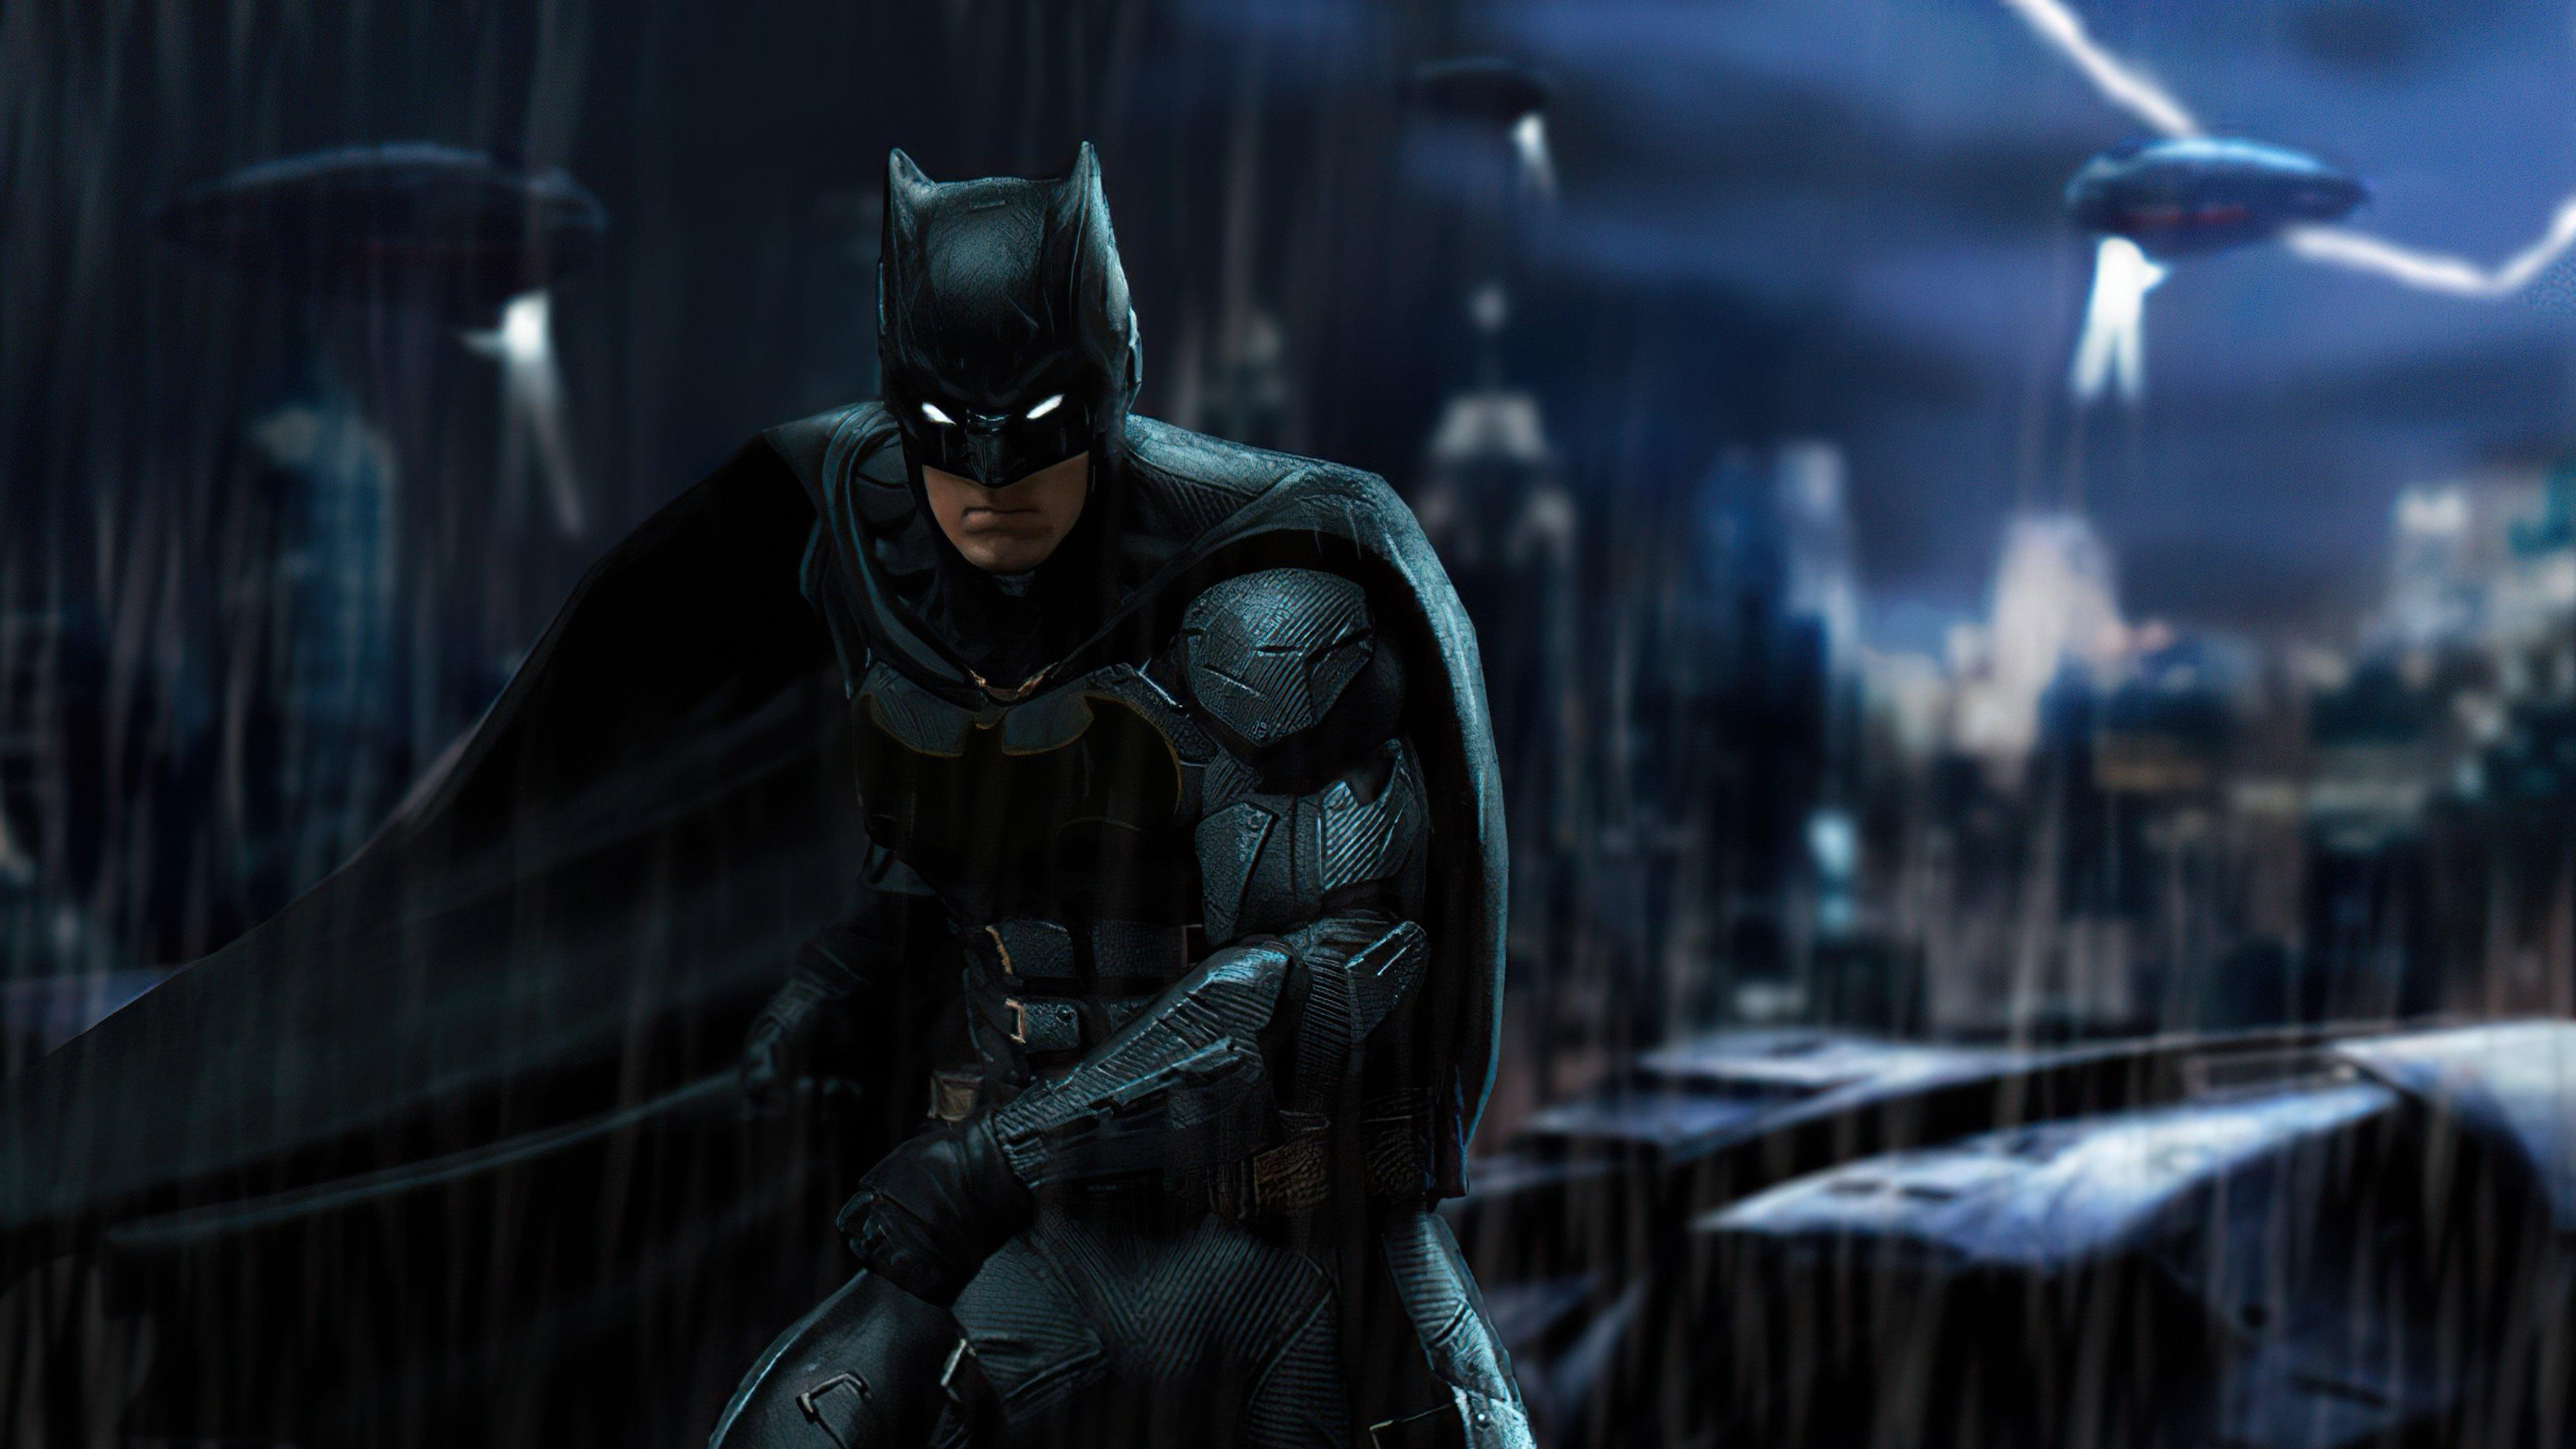 Wallpaper Ben Affleck as Batman Fanart